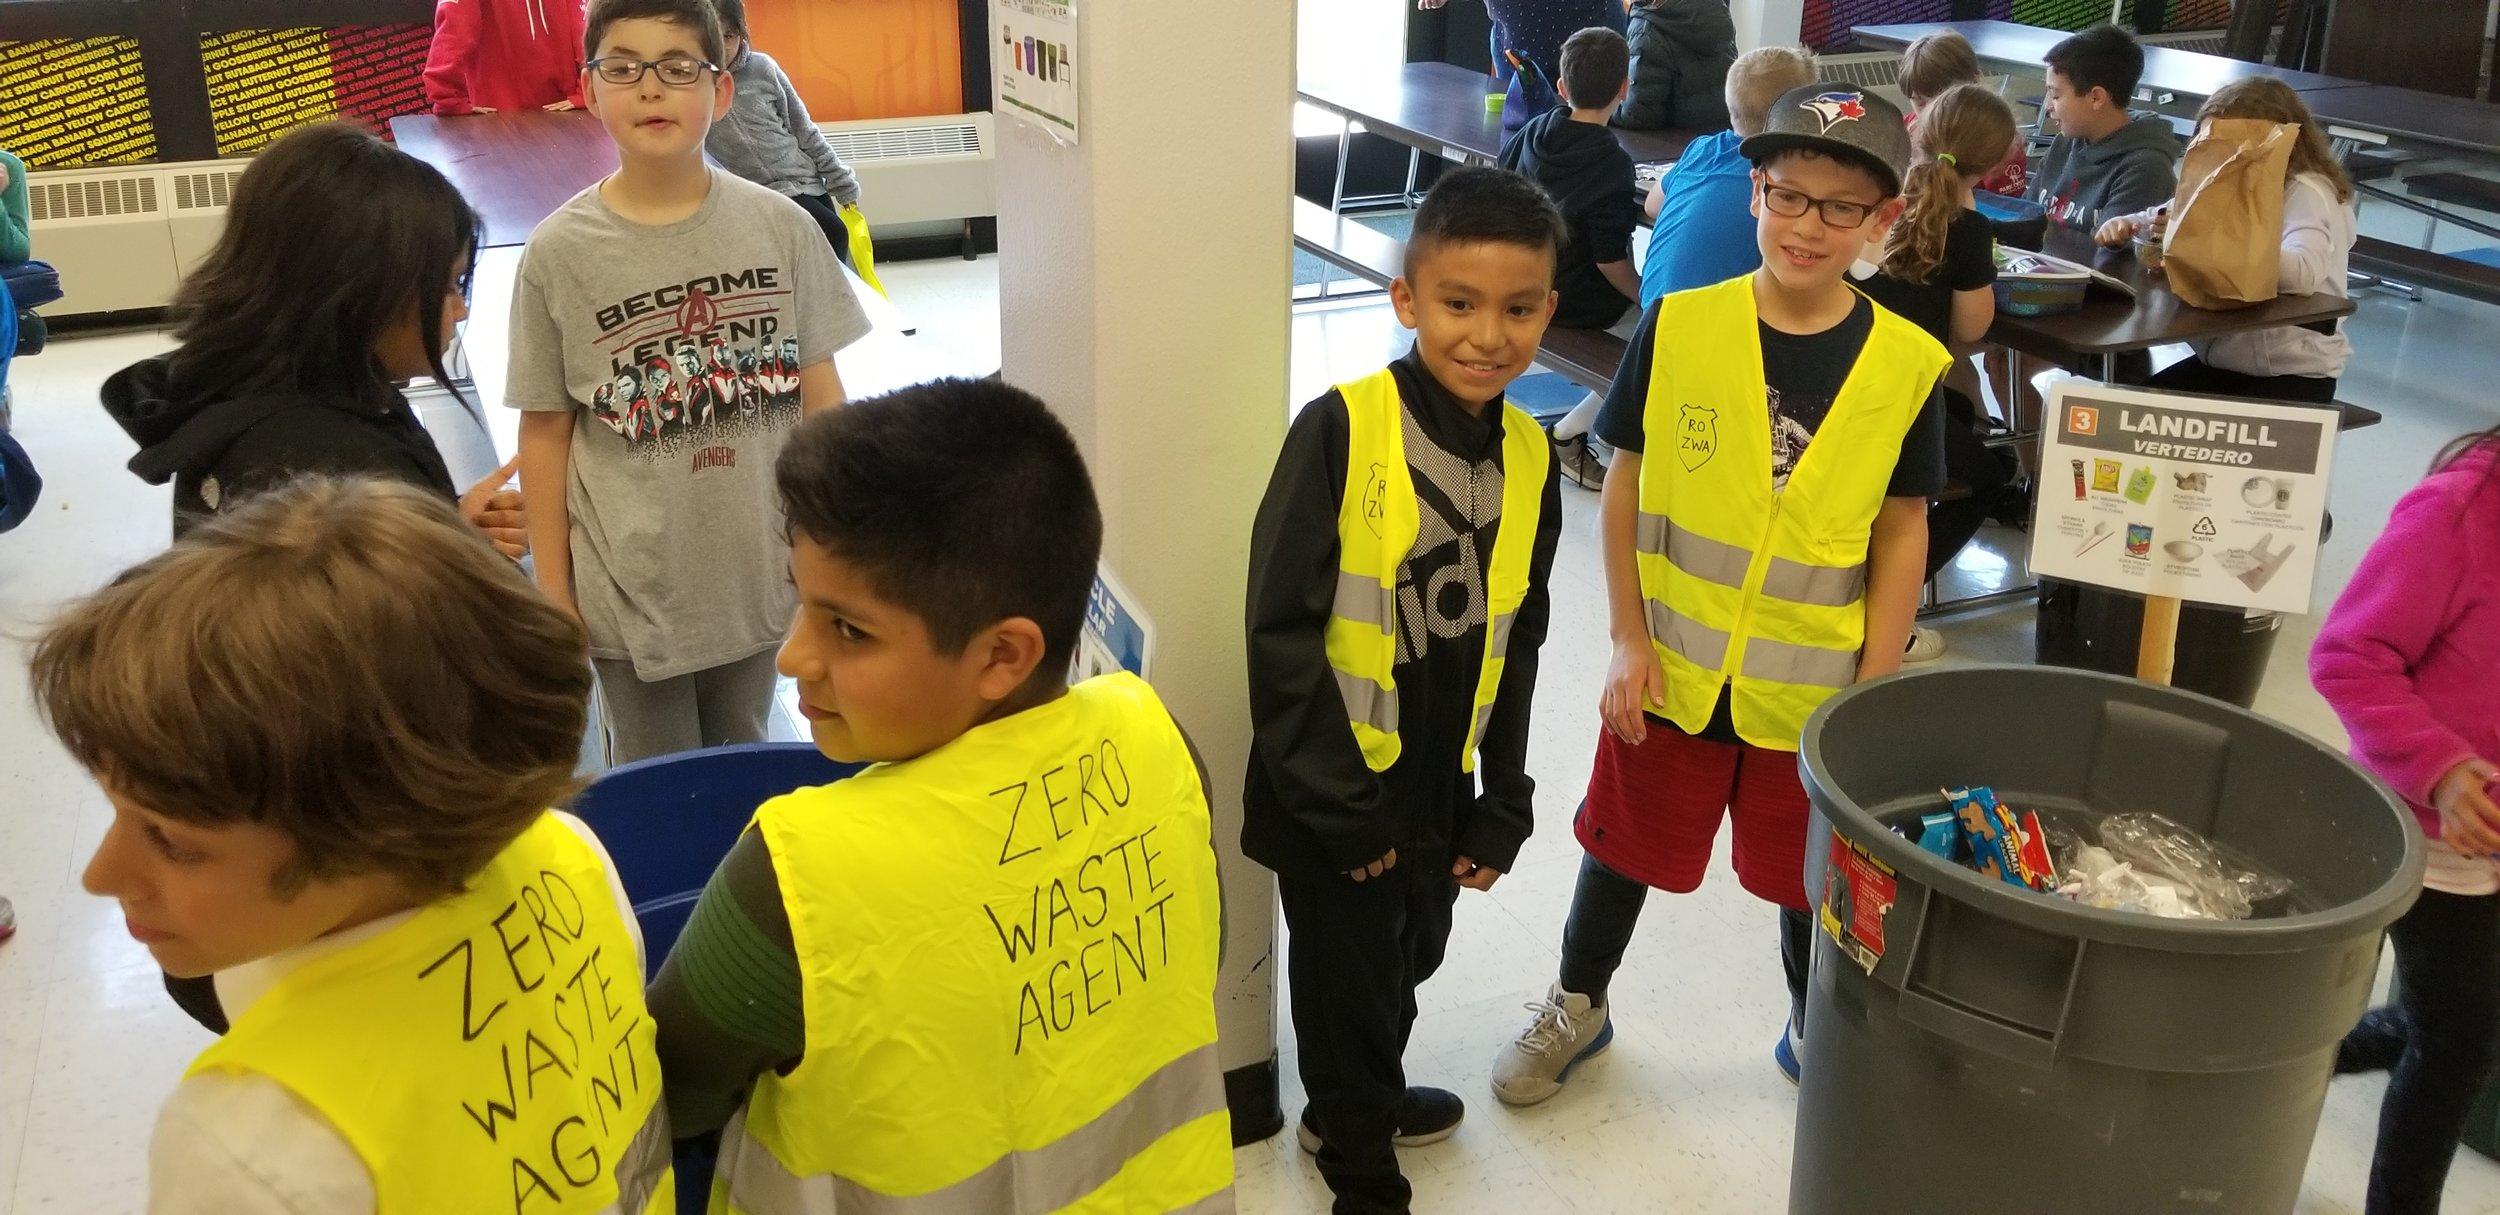 Zero Waste Agents help kids sort waste and prevent contamination in bins.